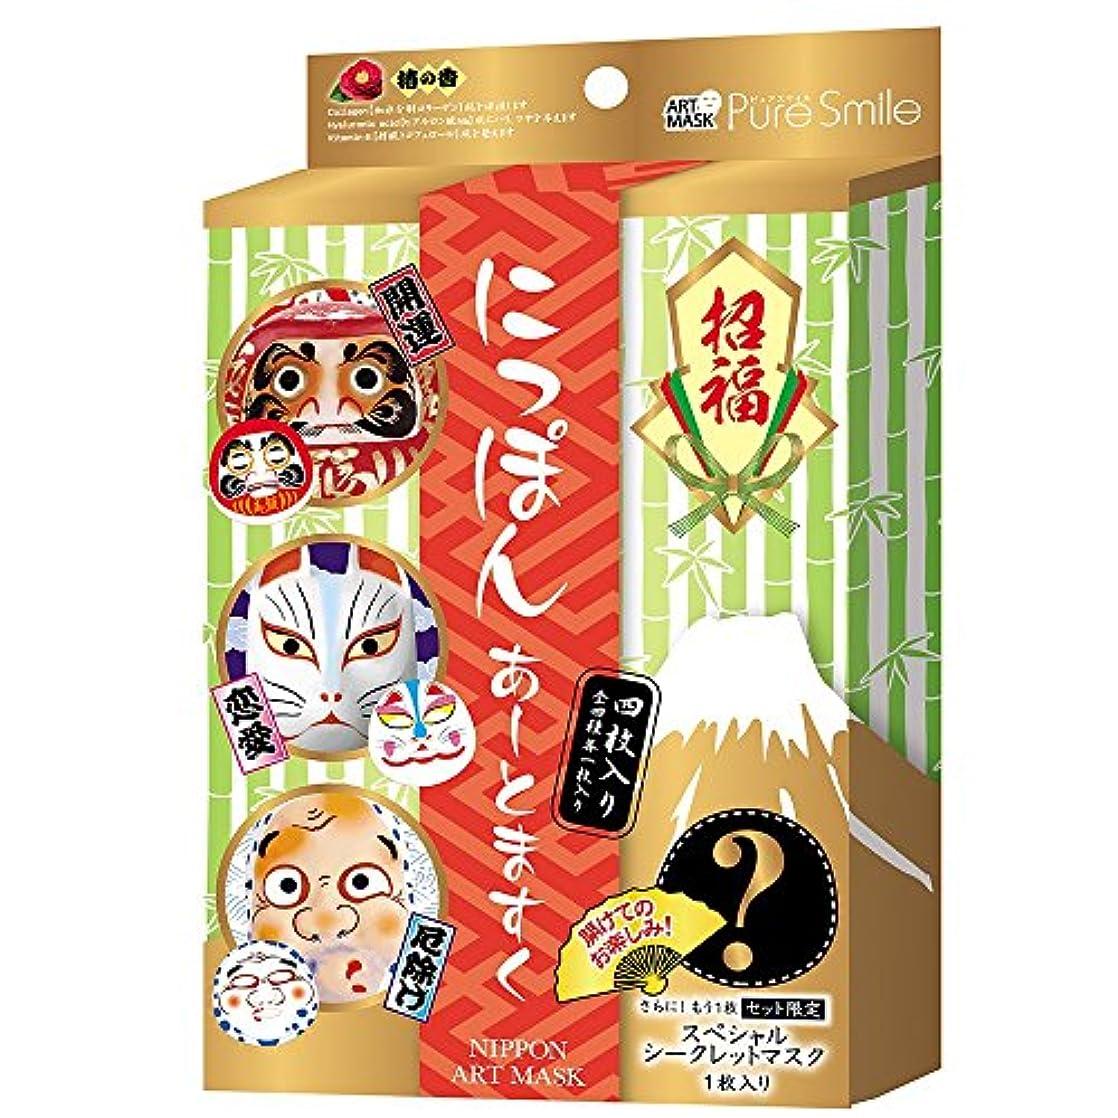 悪魔囲い輪郭ピュアスマイル 招福にっぽんアートマスク お得なセットBOX(全4種類各1枚入り)